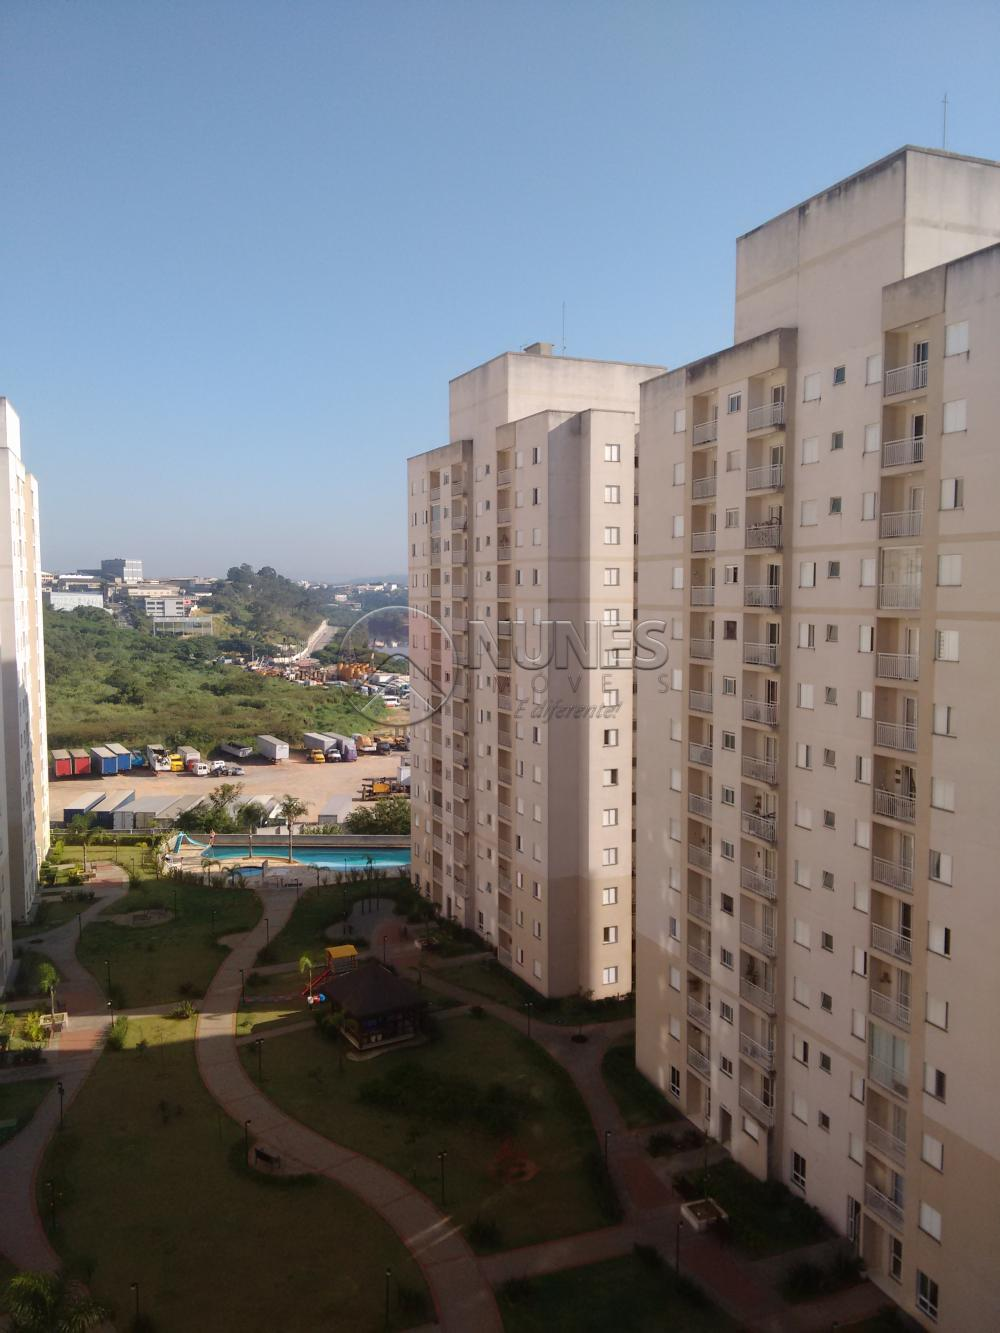 Apartamento de 2 dormitórios à venda em Jardim Tupanci, Barueri - SP